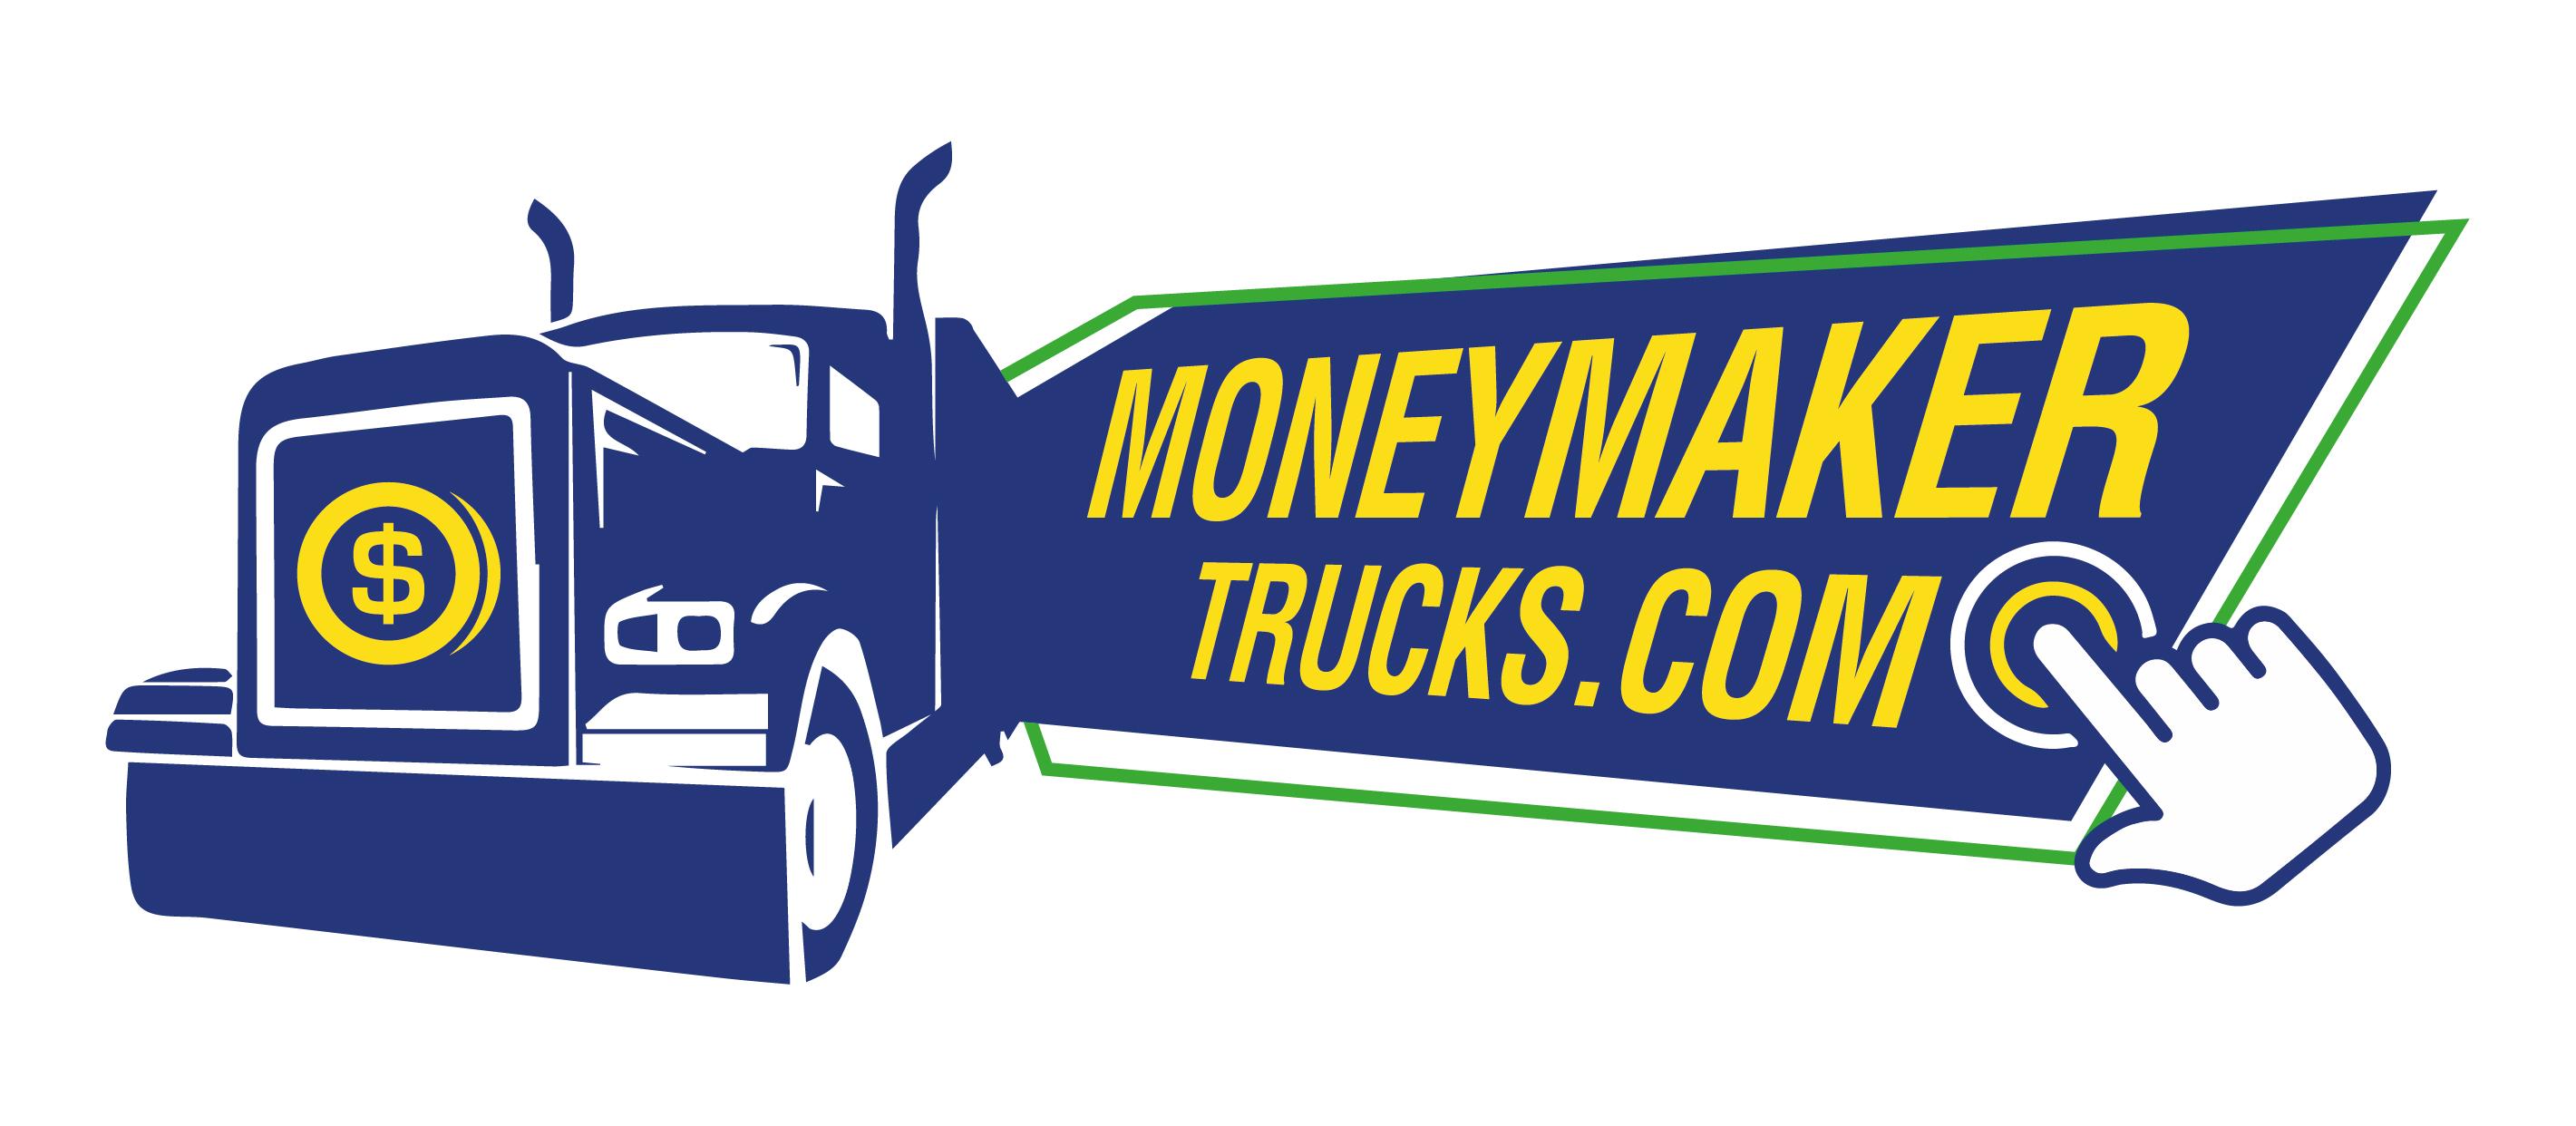 Money Maker Trucks